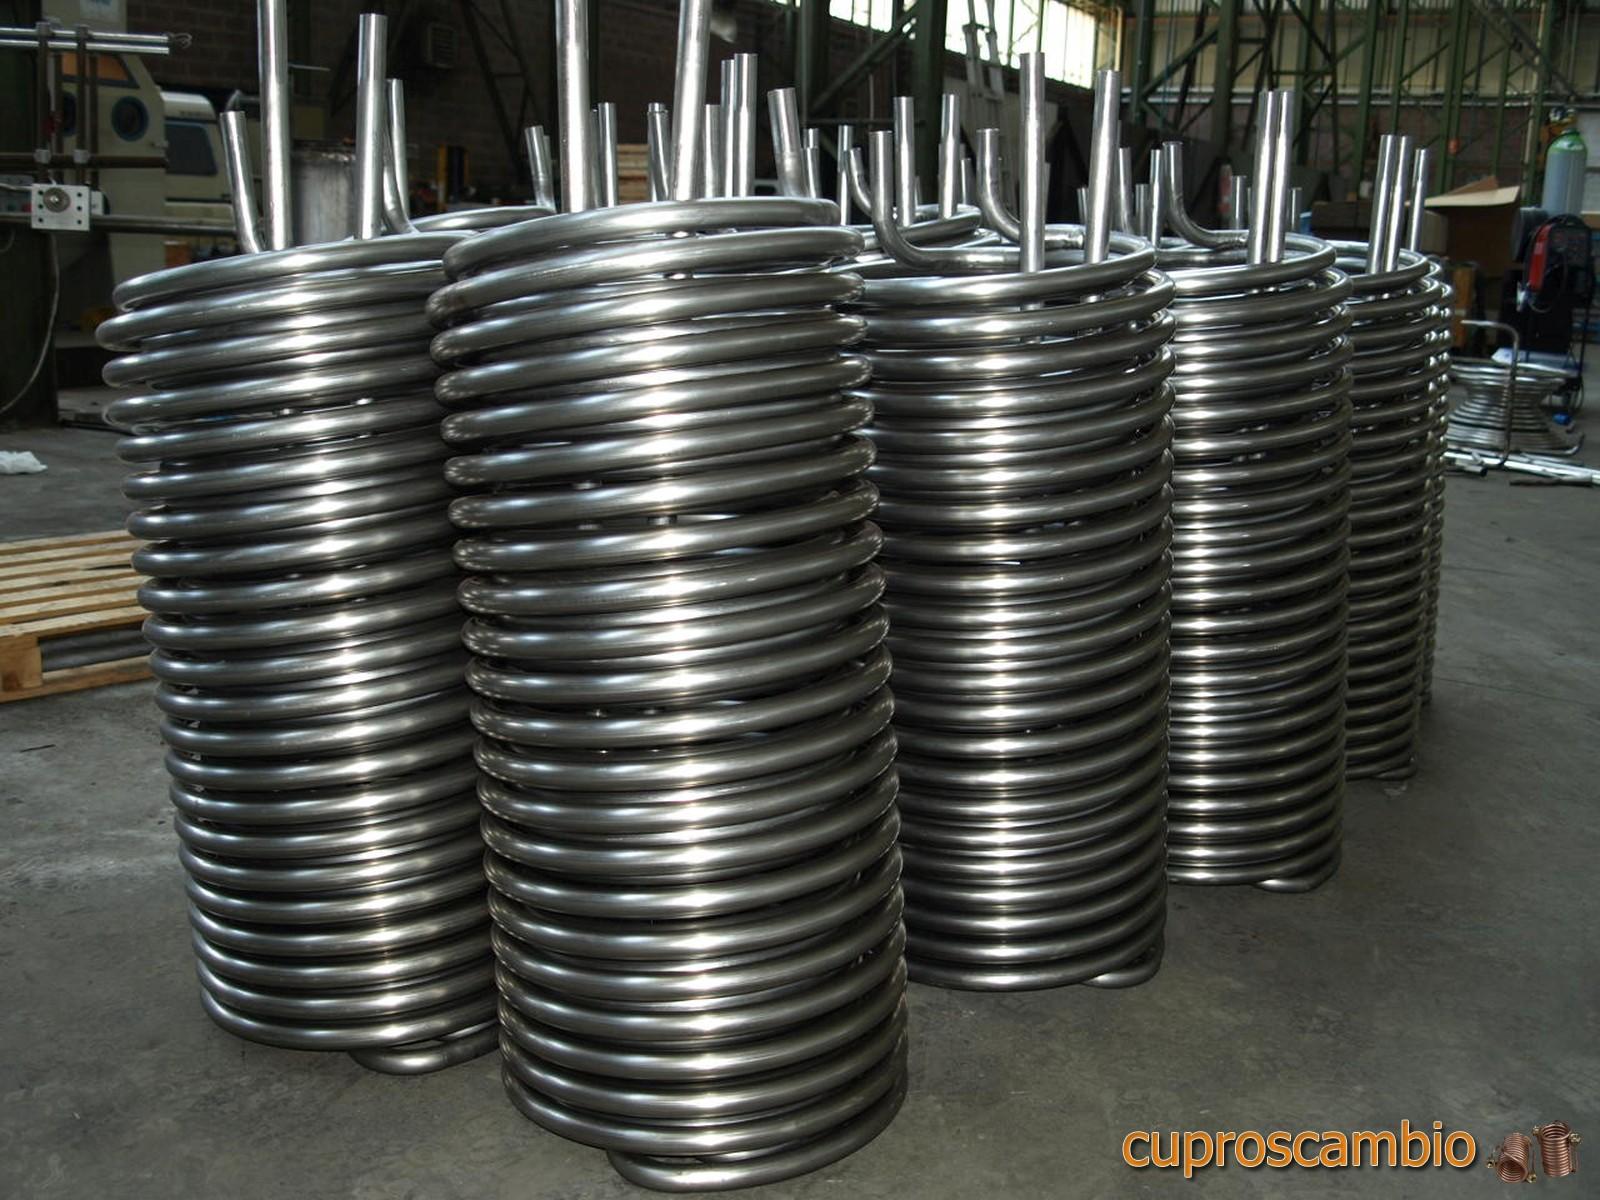 Serpentine in rame liscio e acciaio inox 316 L per la produzione di acqua calda sanitaria